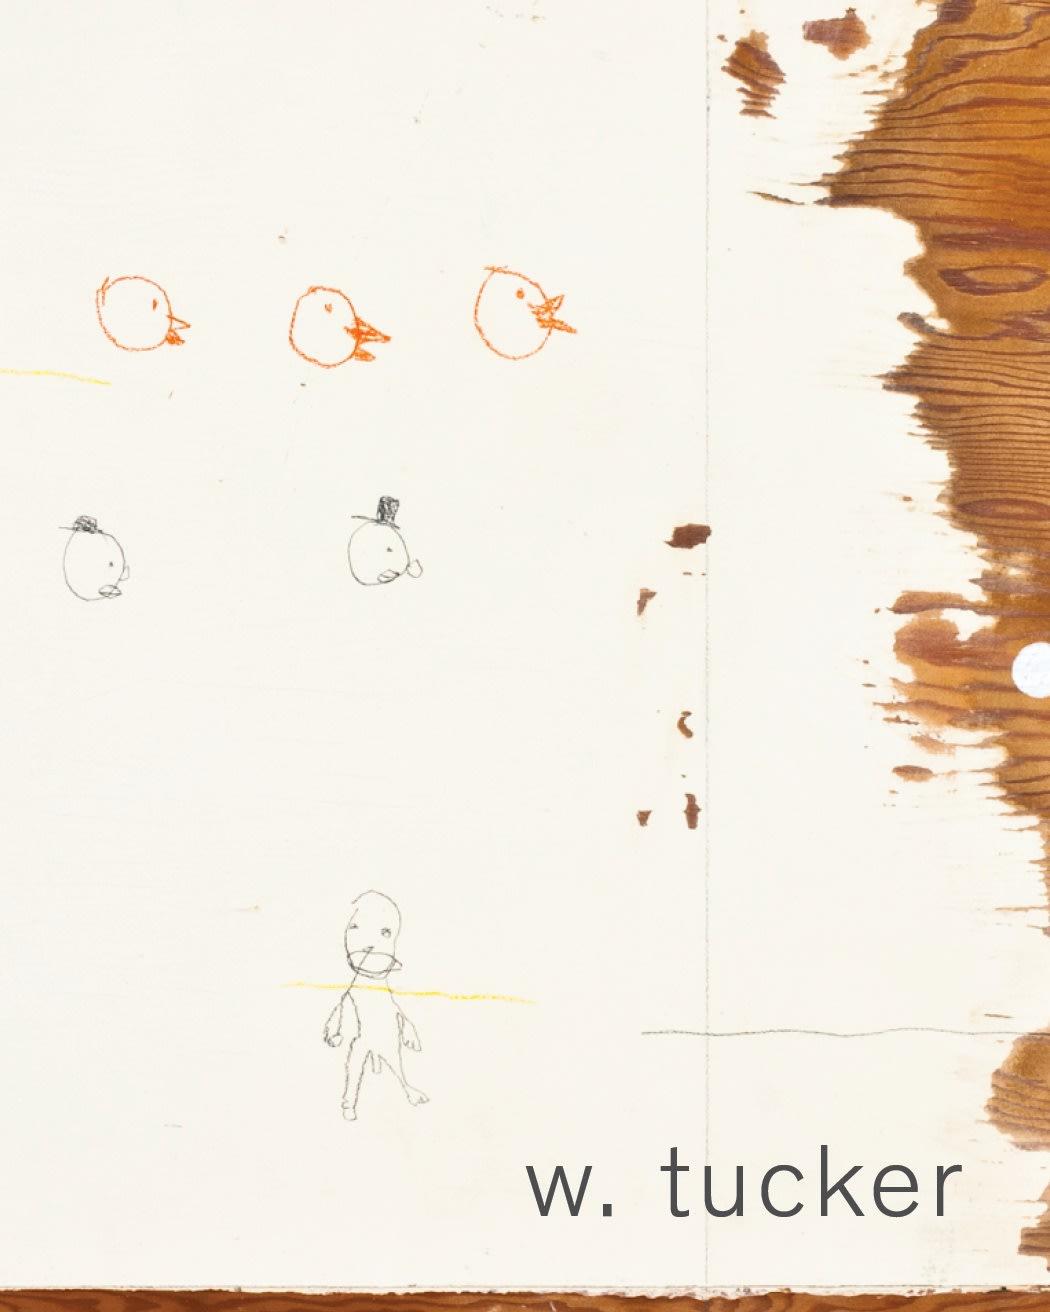 W. Tucker